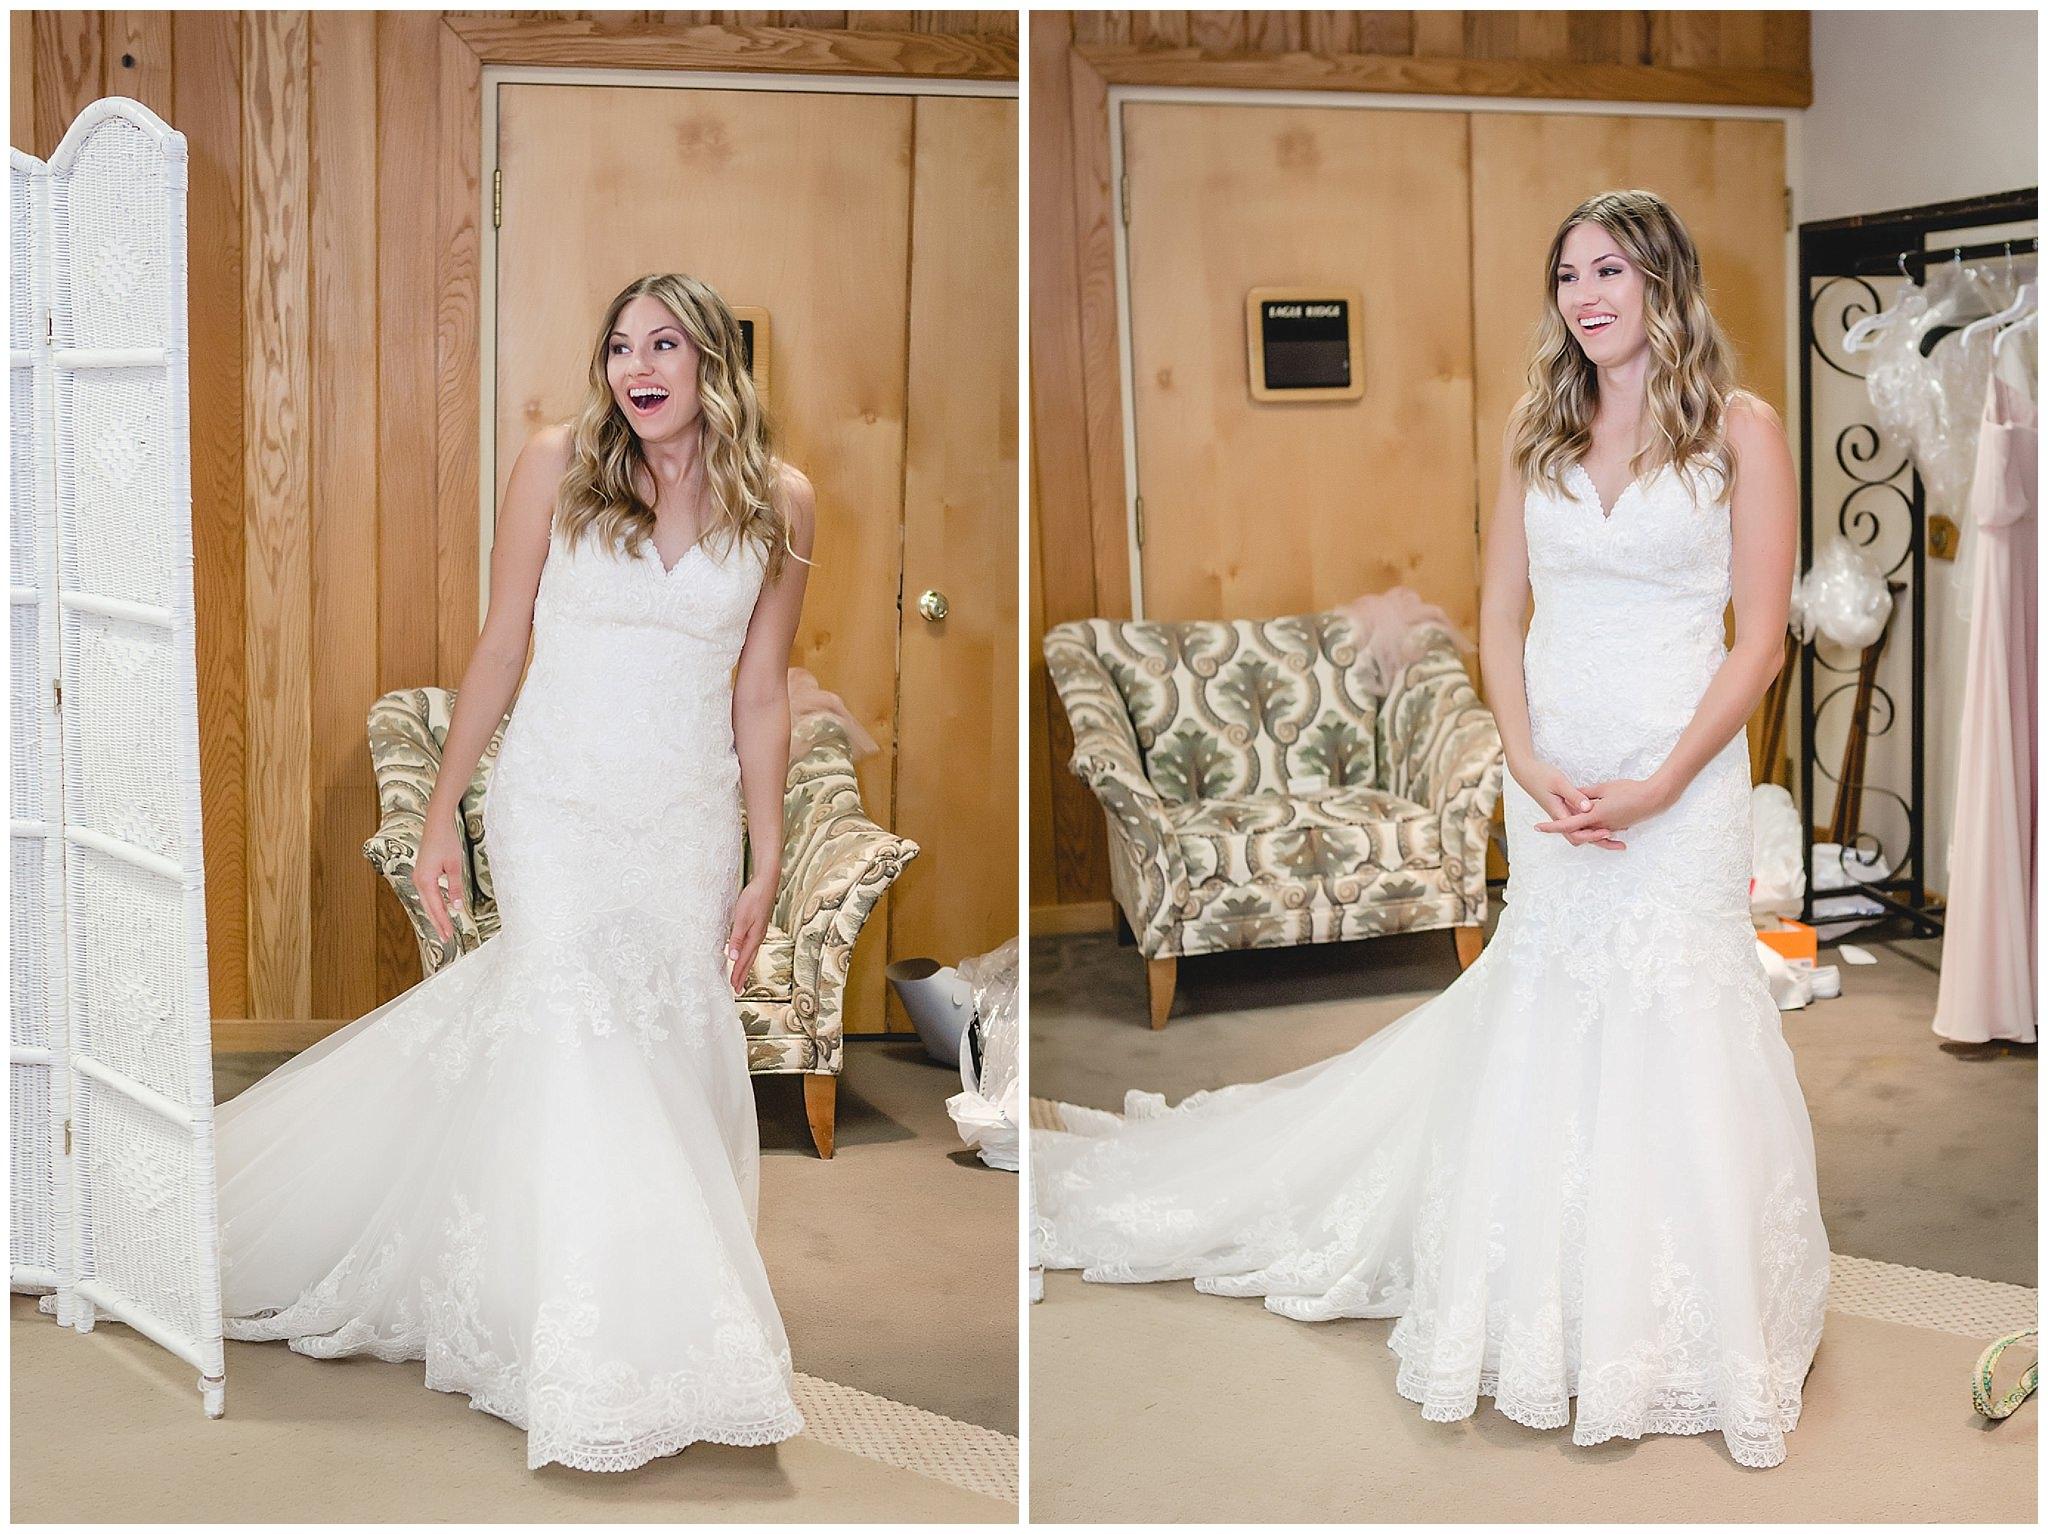 Bride reveals her wedding dress to her bridesmaids at Hidden Valley Resort